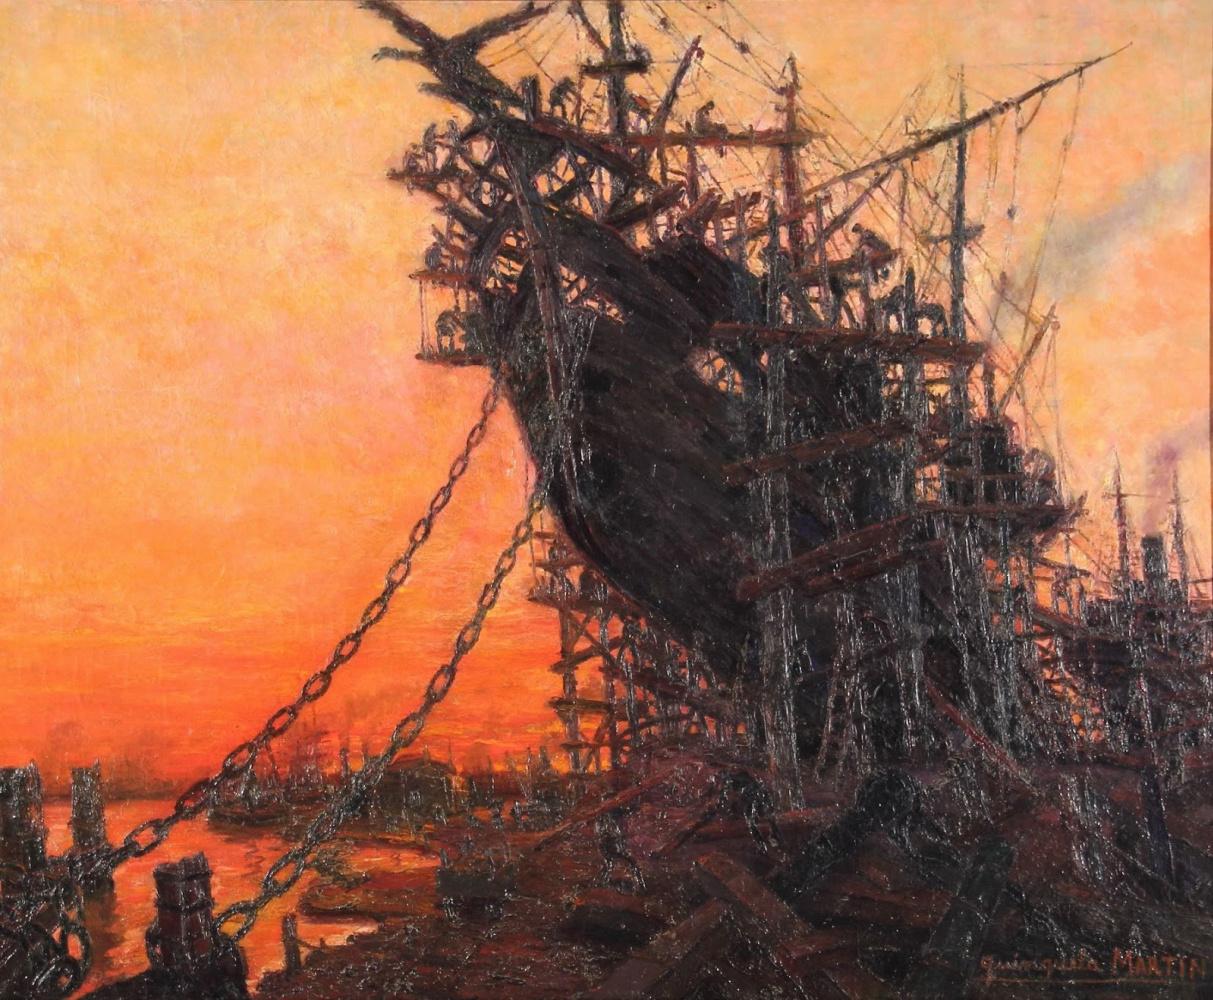 Benito Quinquela Martín. Twilight at the shipyard